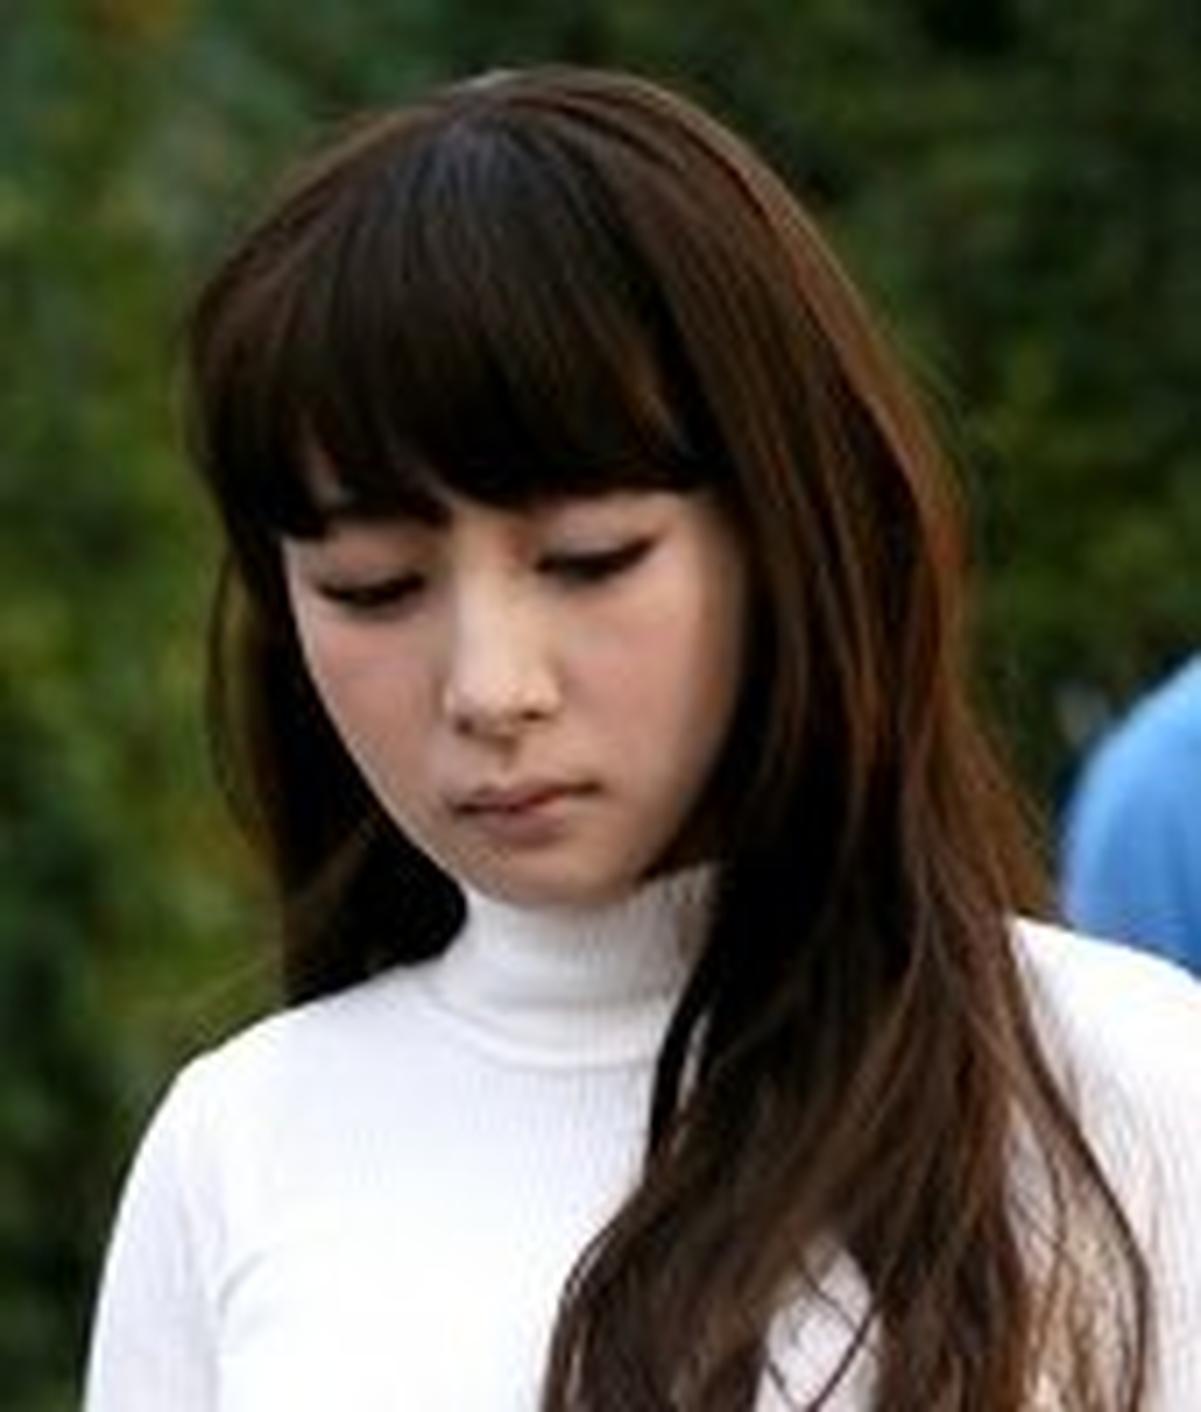 Hitomi Fujiwara